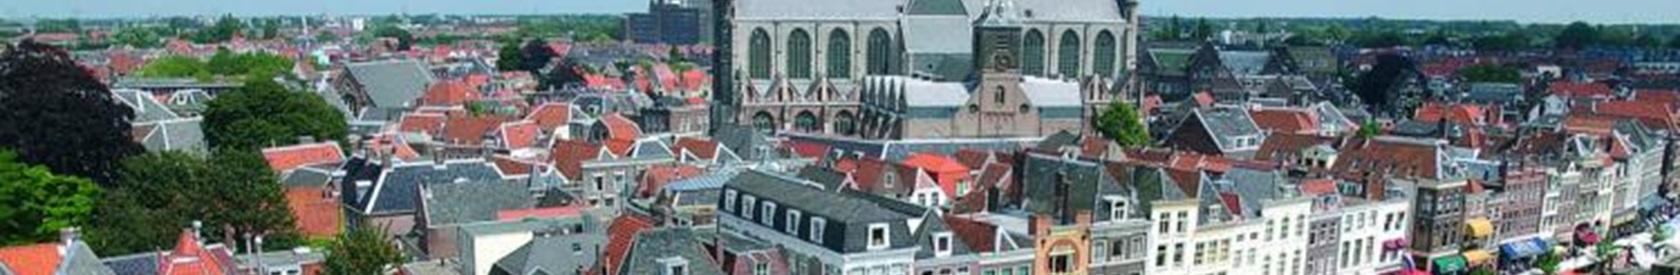 Kerk in de stad